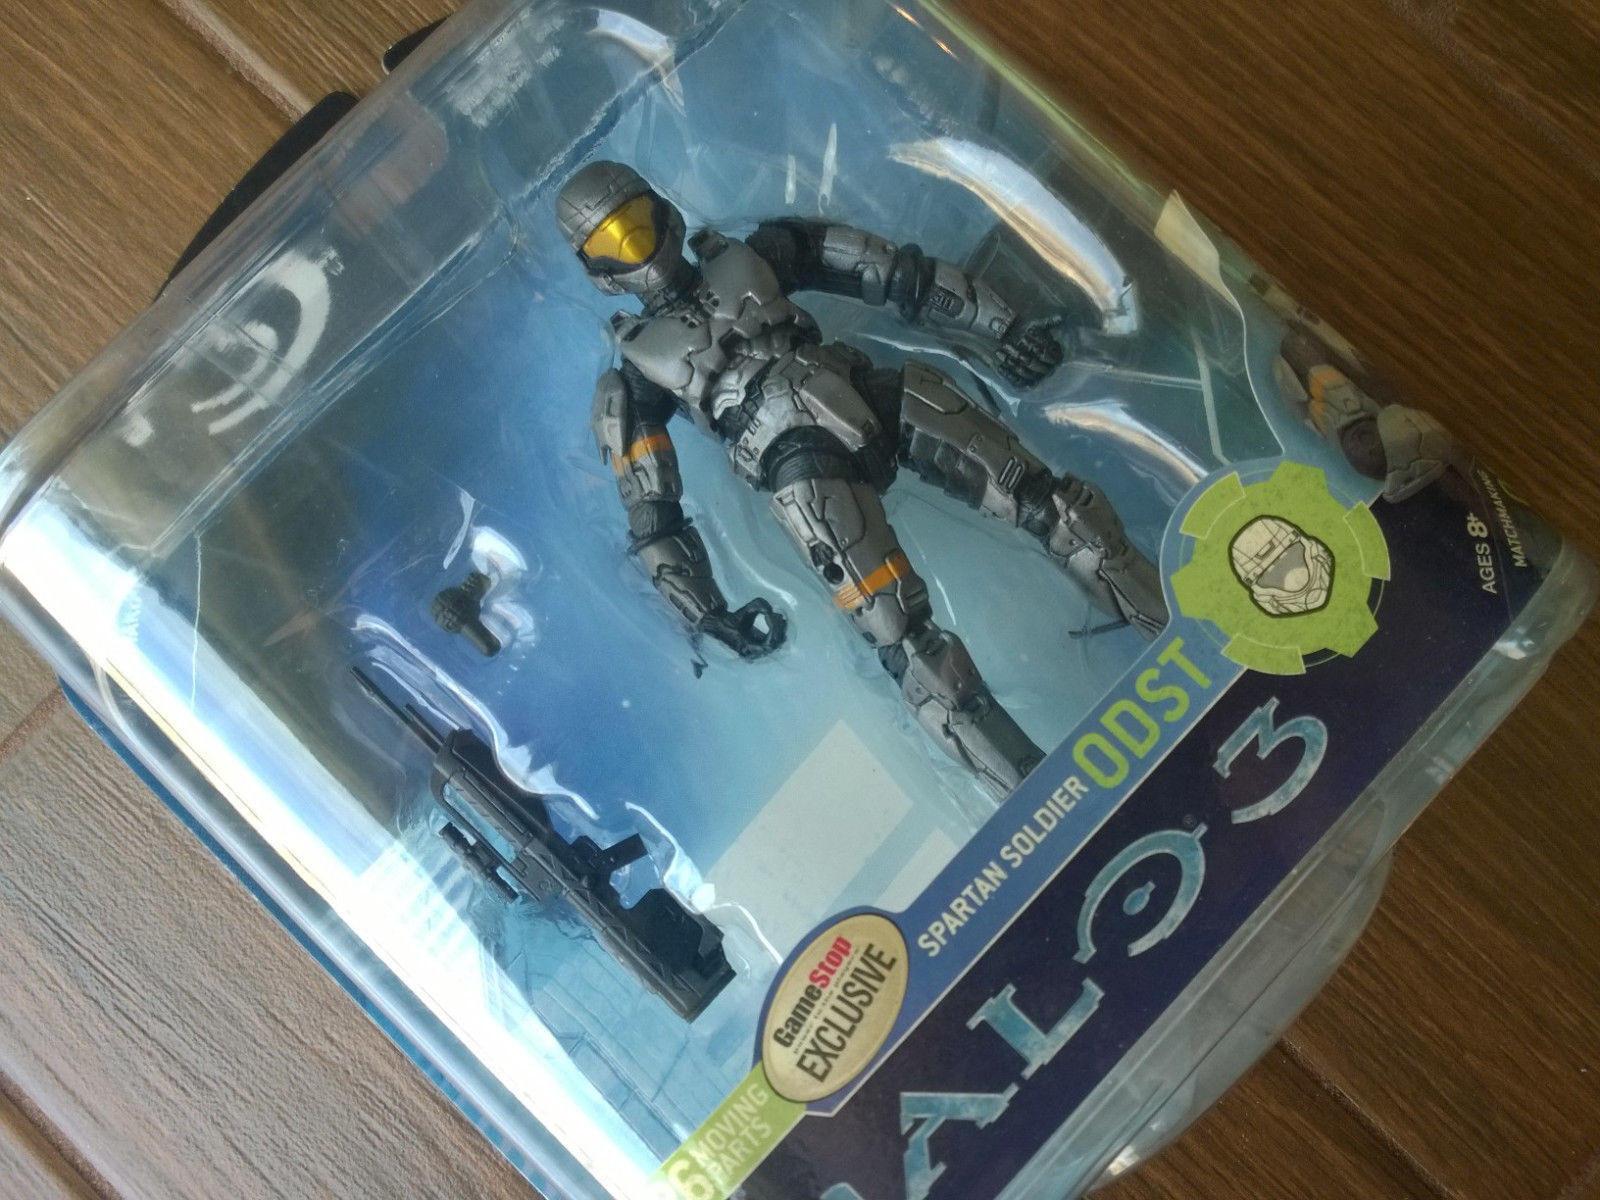 Gamestop Exclusive Halo 3 série 2  En Acier Tournage  Action Figure, XBOX 360 NEW Comme neuf